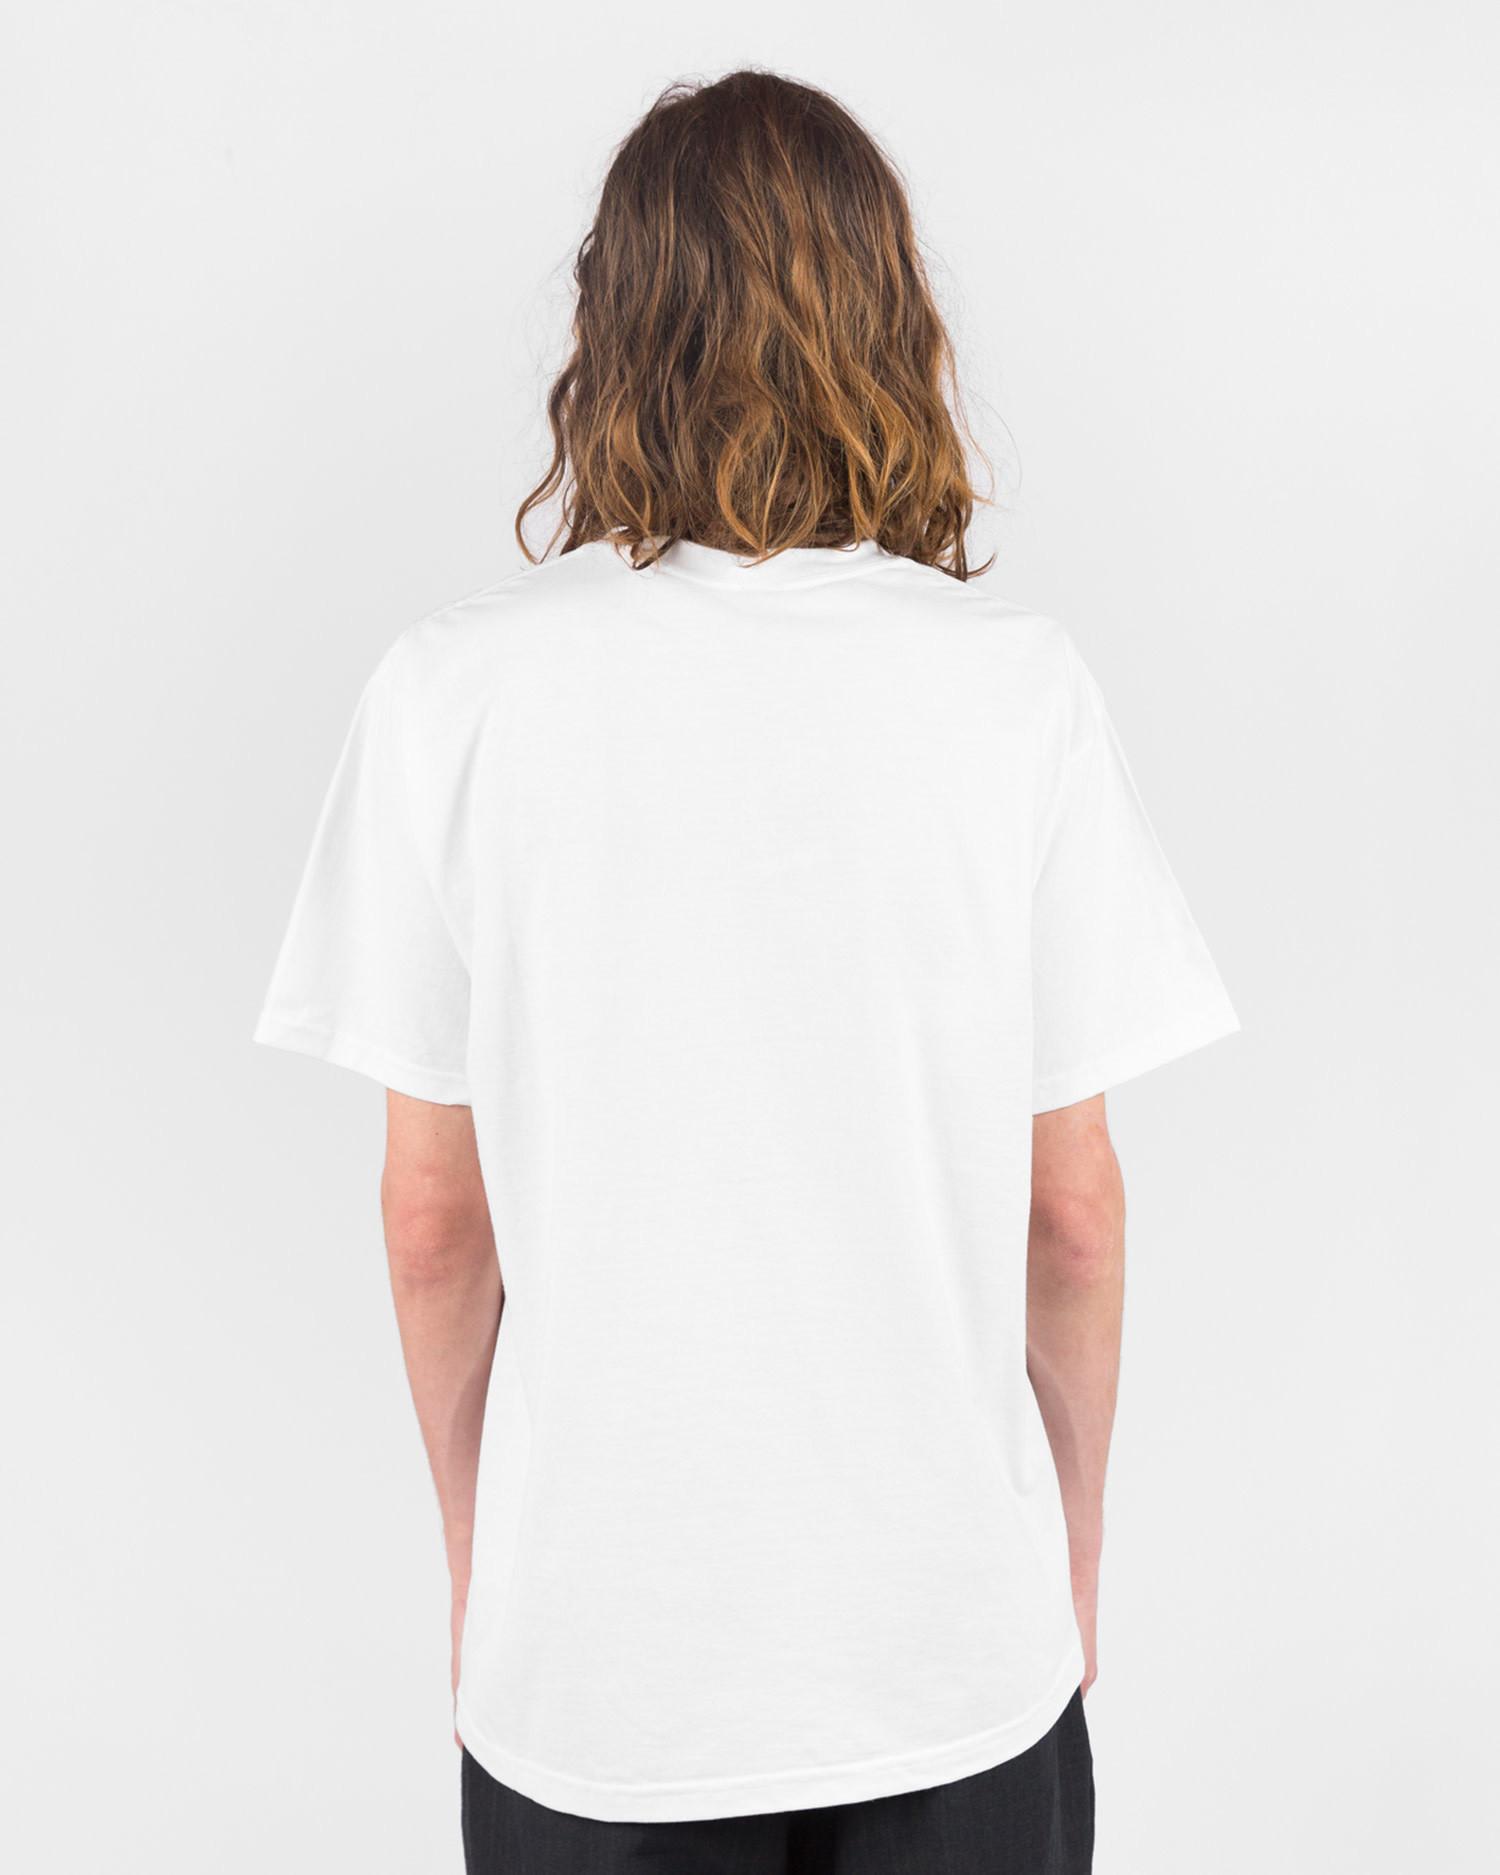 Lockwood LW Varsity T-shirt White/Green